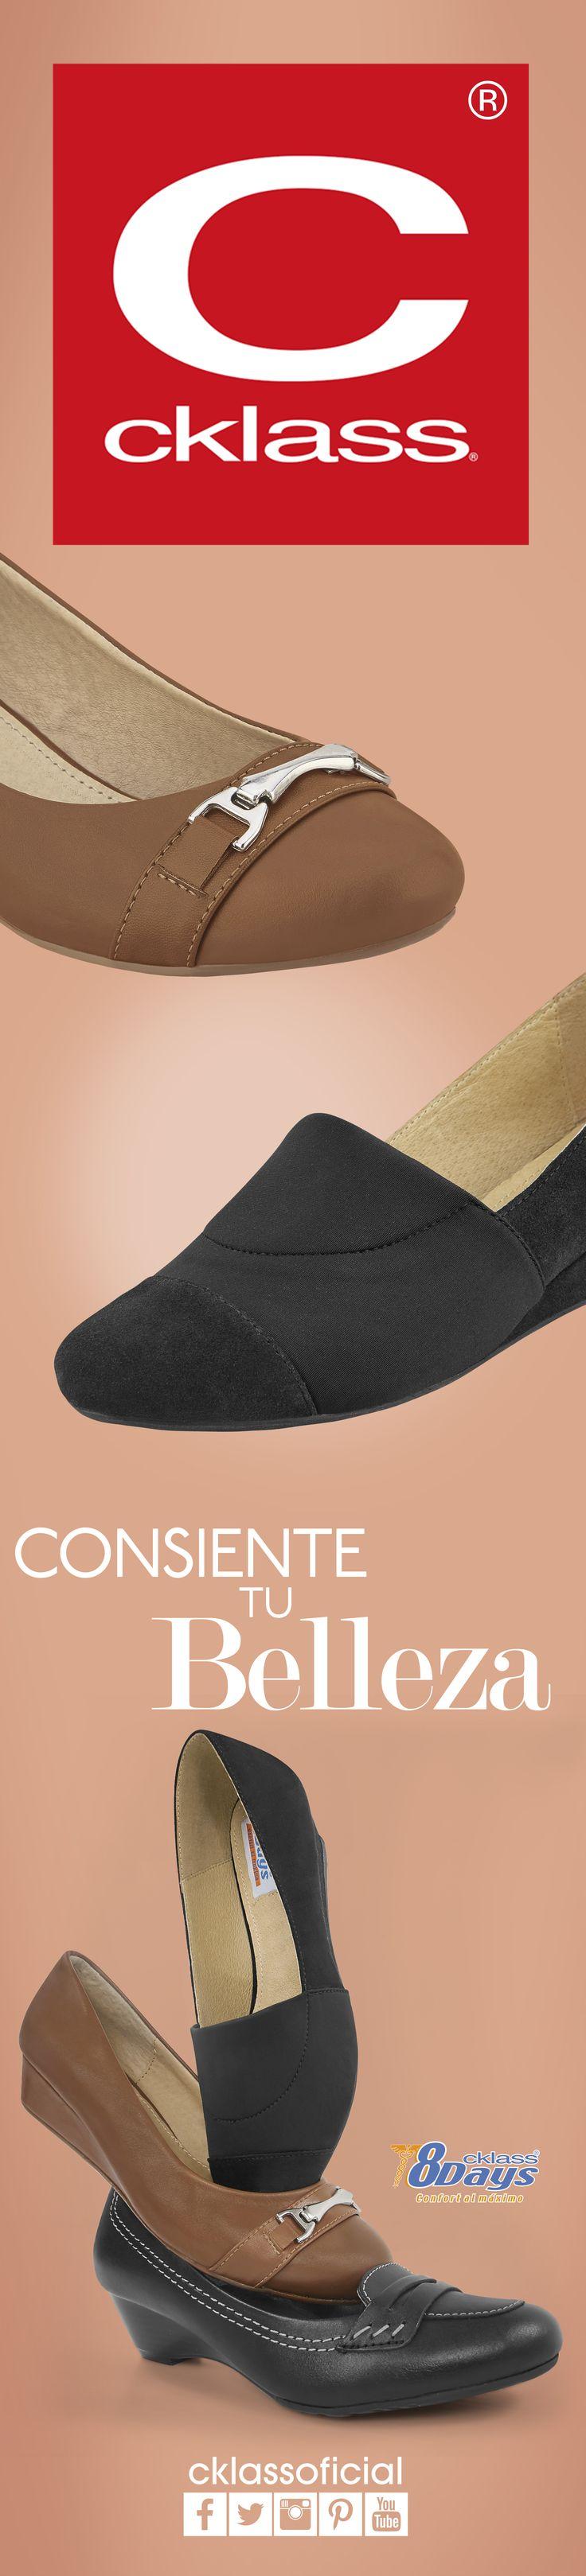 Comfort es una línea de calzado #Cklass pensada para especialmente para las mujeres activas que buscan estar cómodas sin sacrificar el estilo.